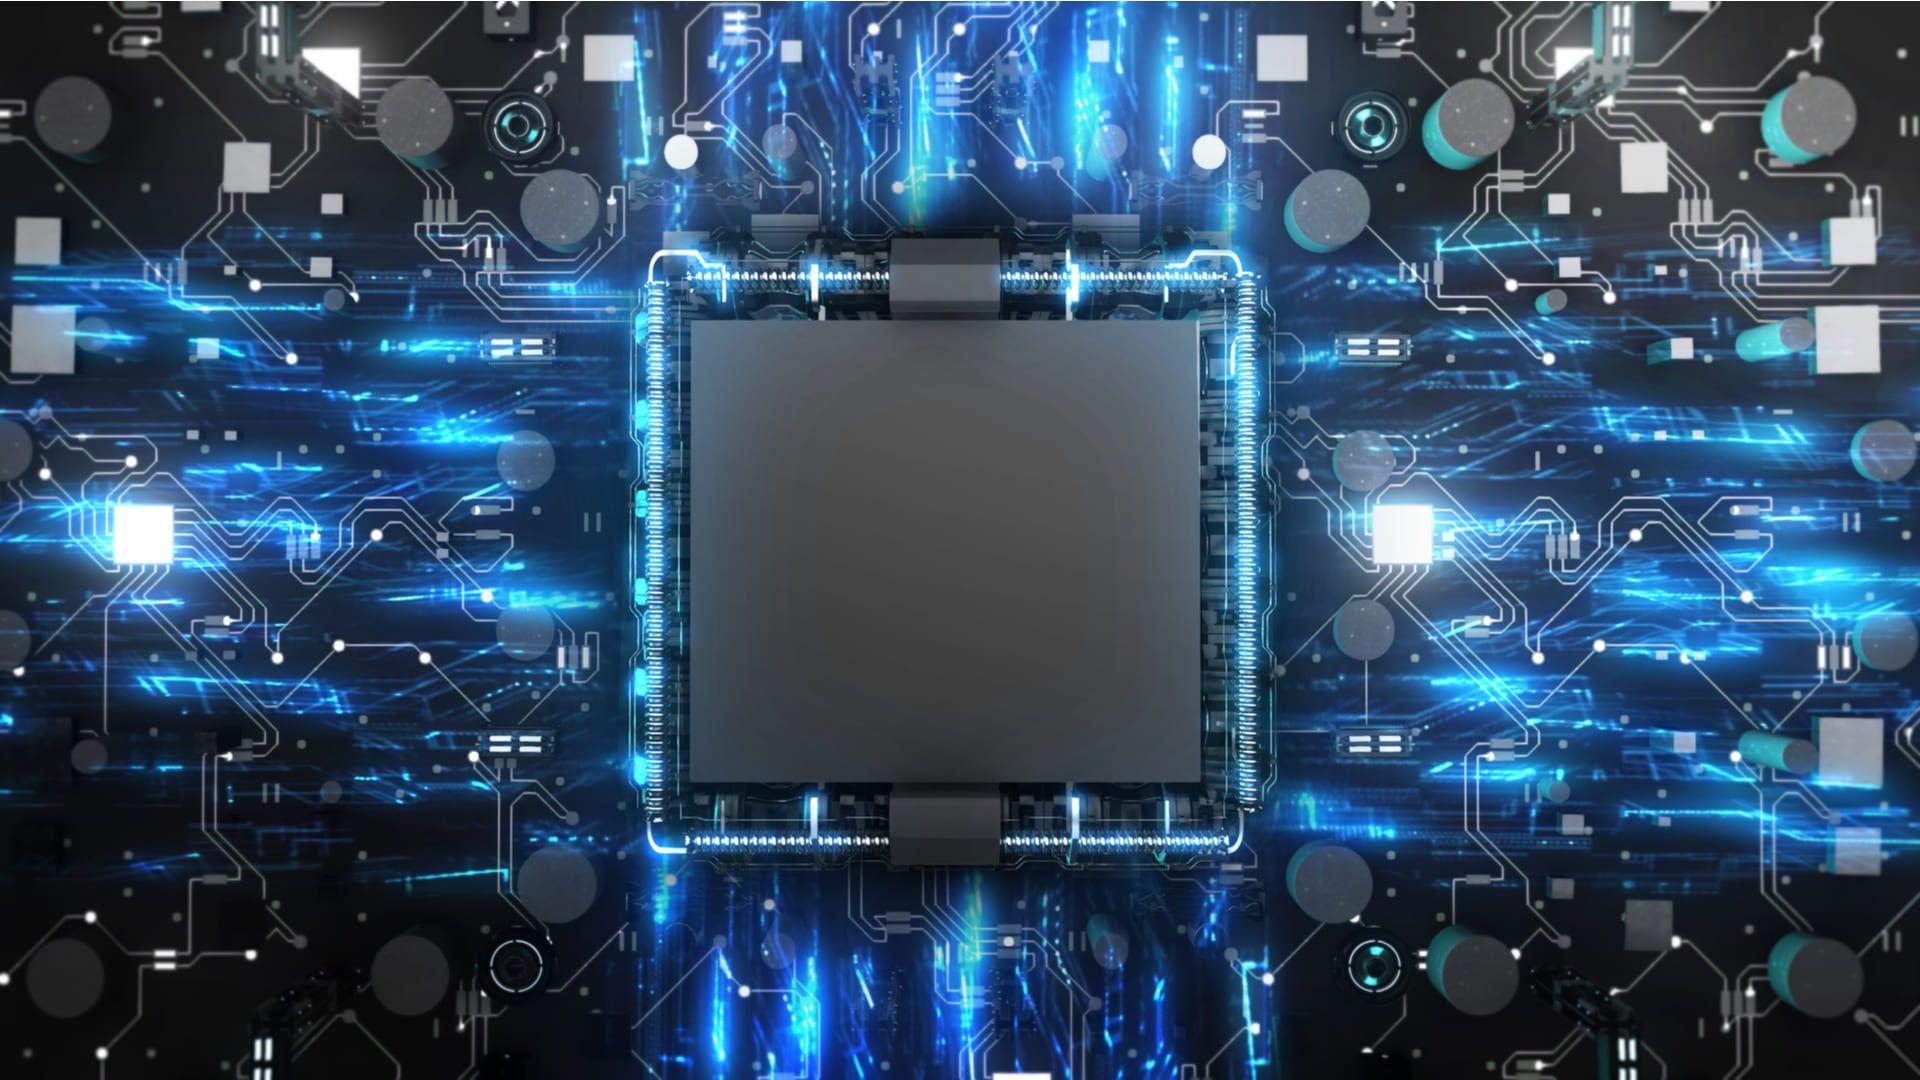 Confira agora como fazer overclock em processador (Foto: Reprodução/Shutterstock)